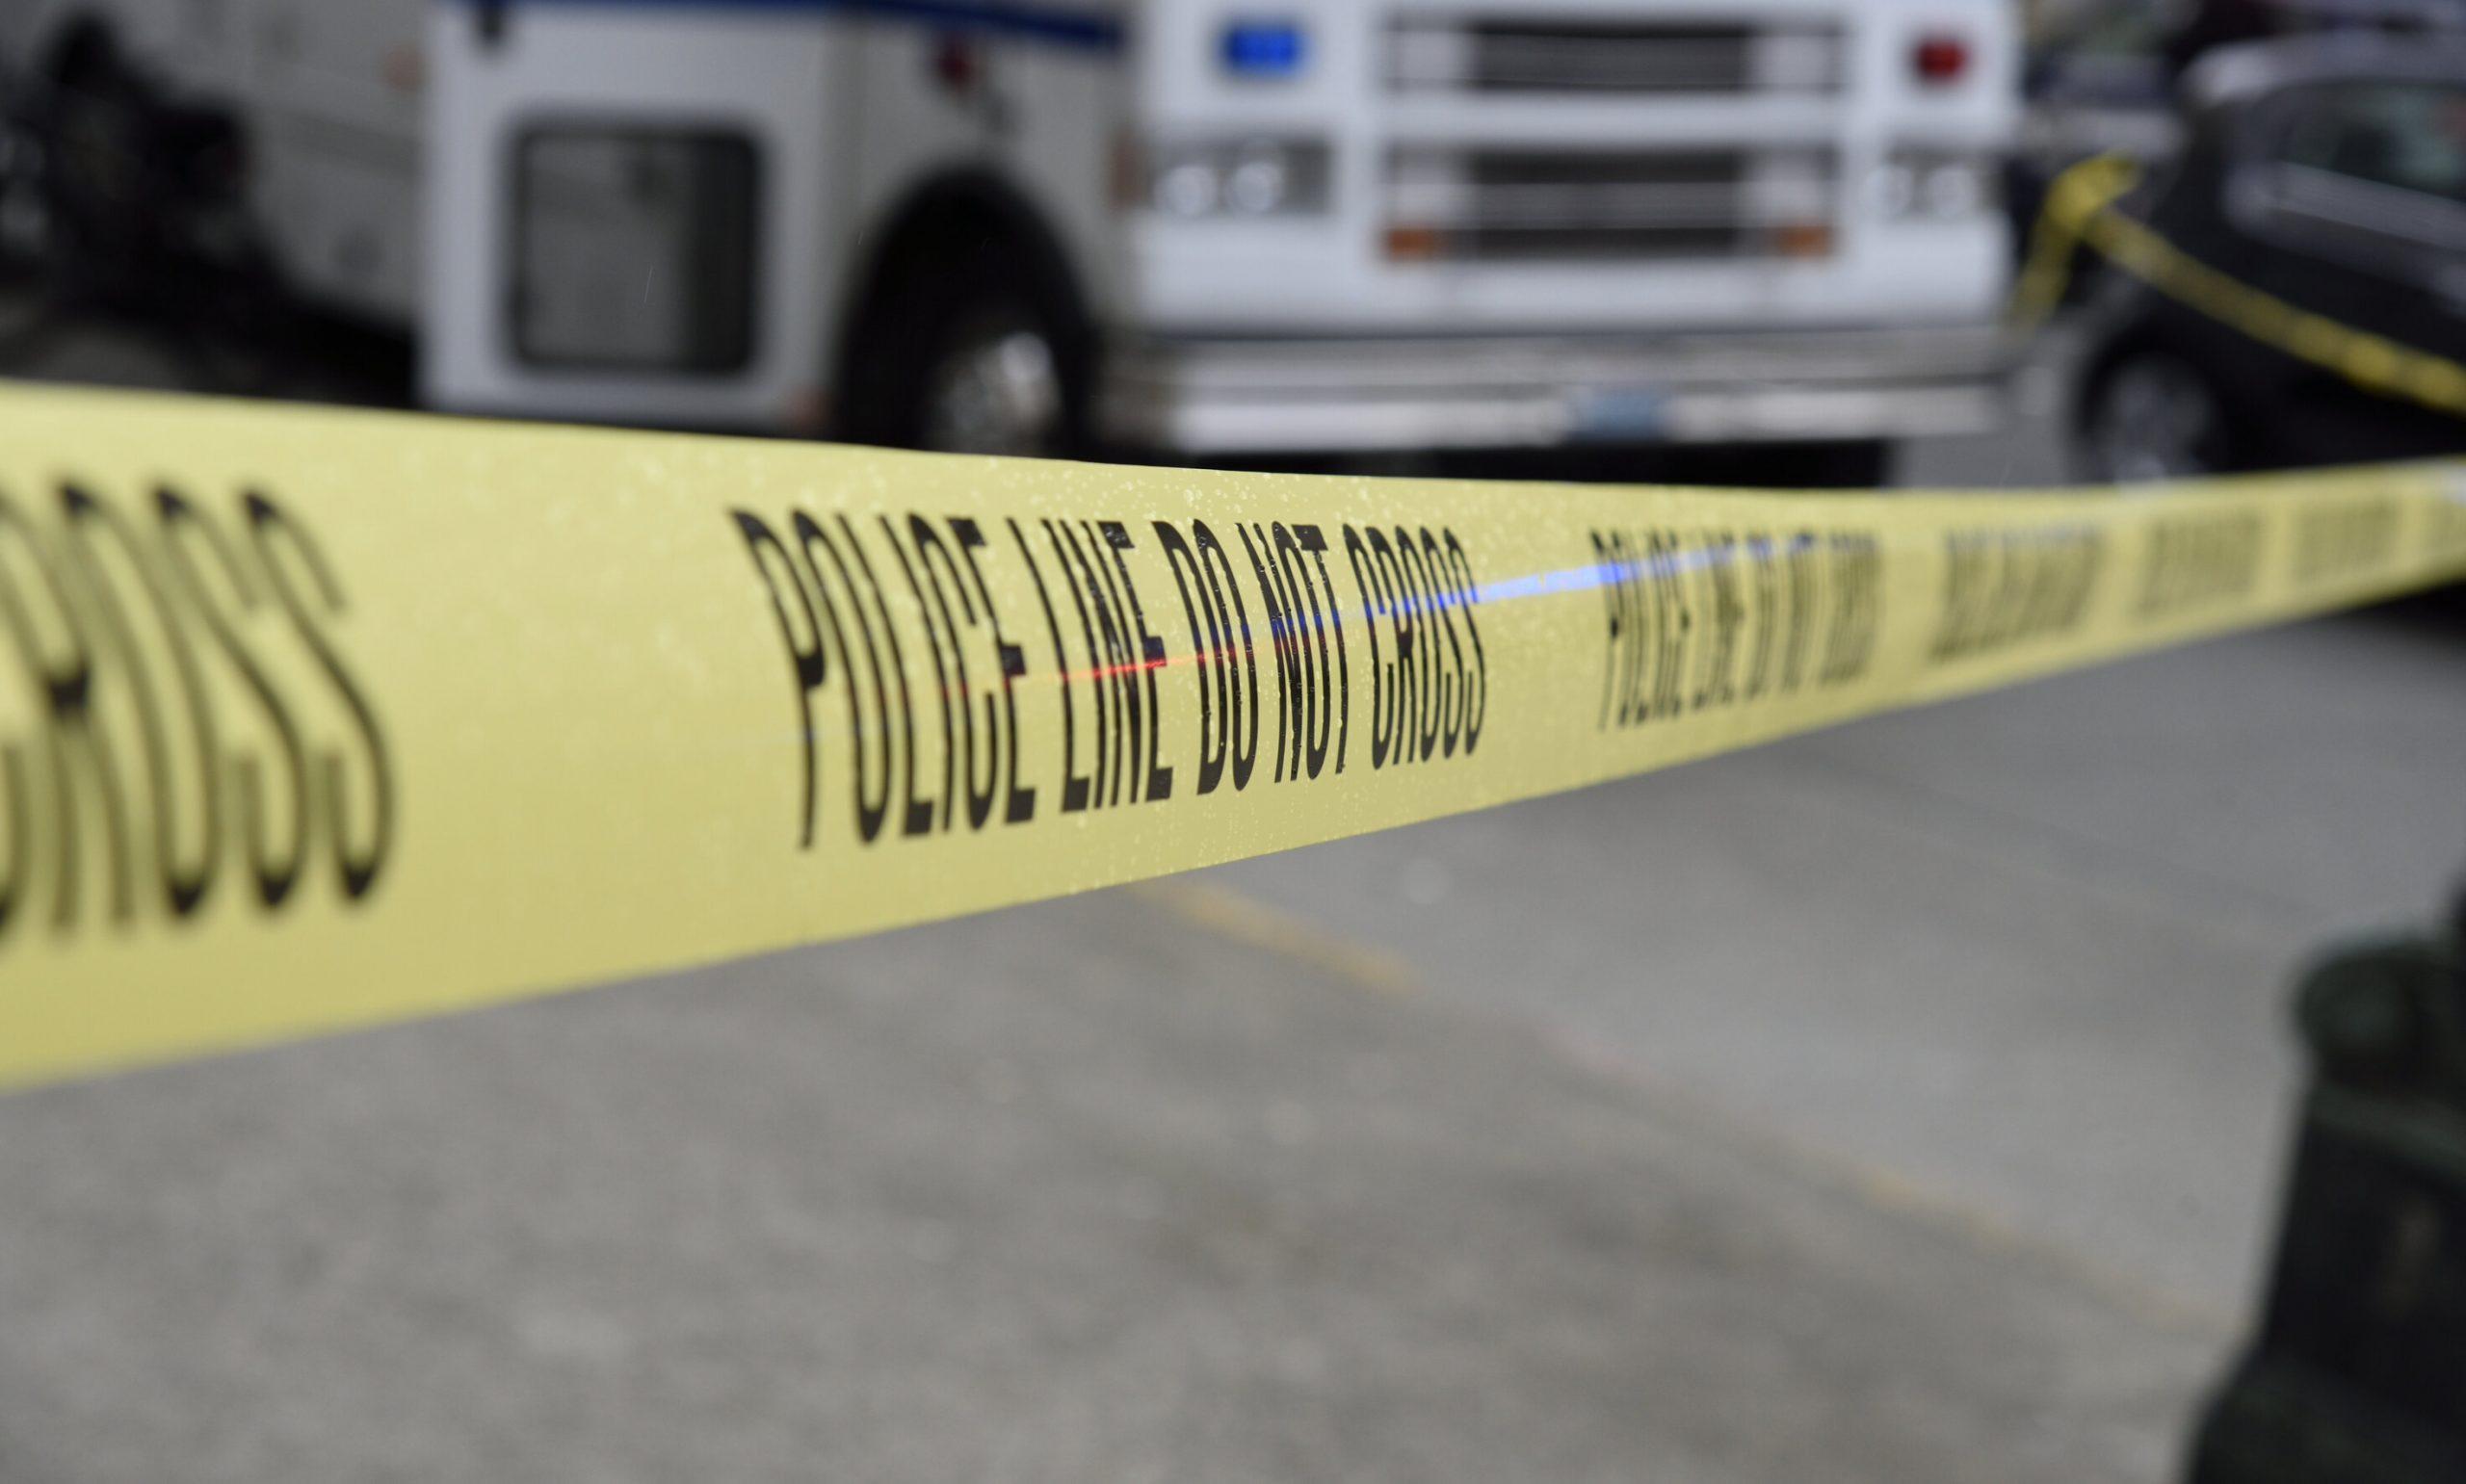 SUA| Un copil de 2 ani își ucide involuntar mama, după ce o împușcă în cap cu pistolul tatălui